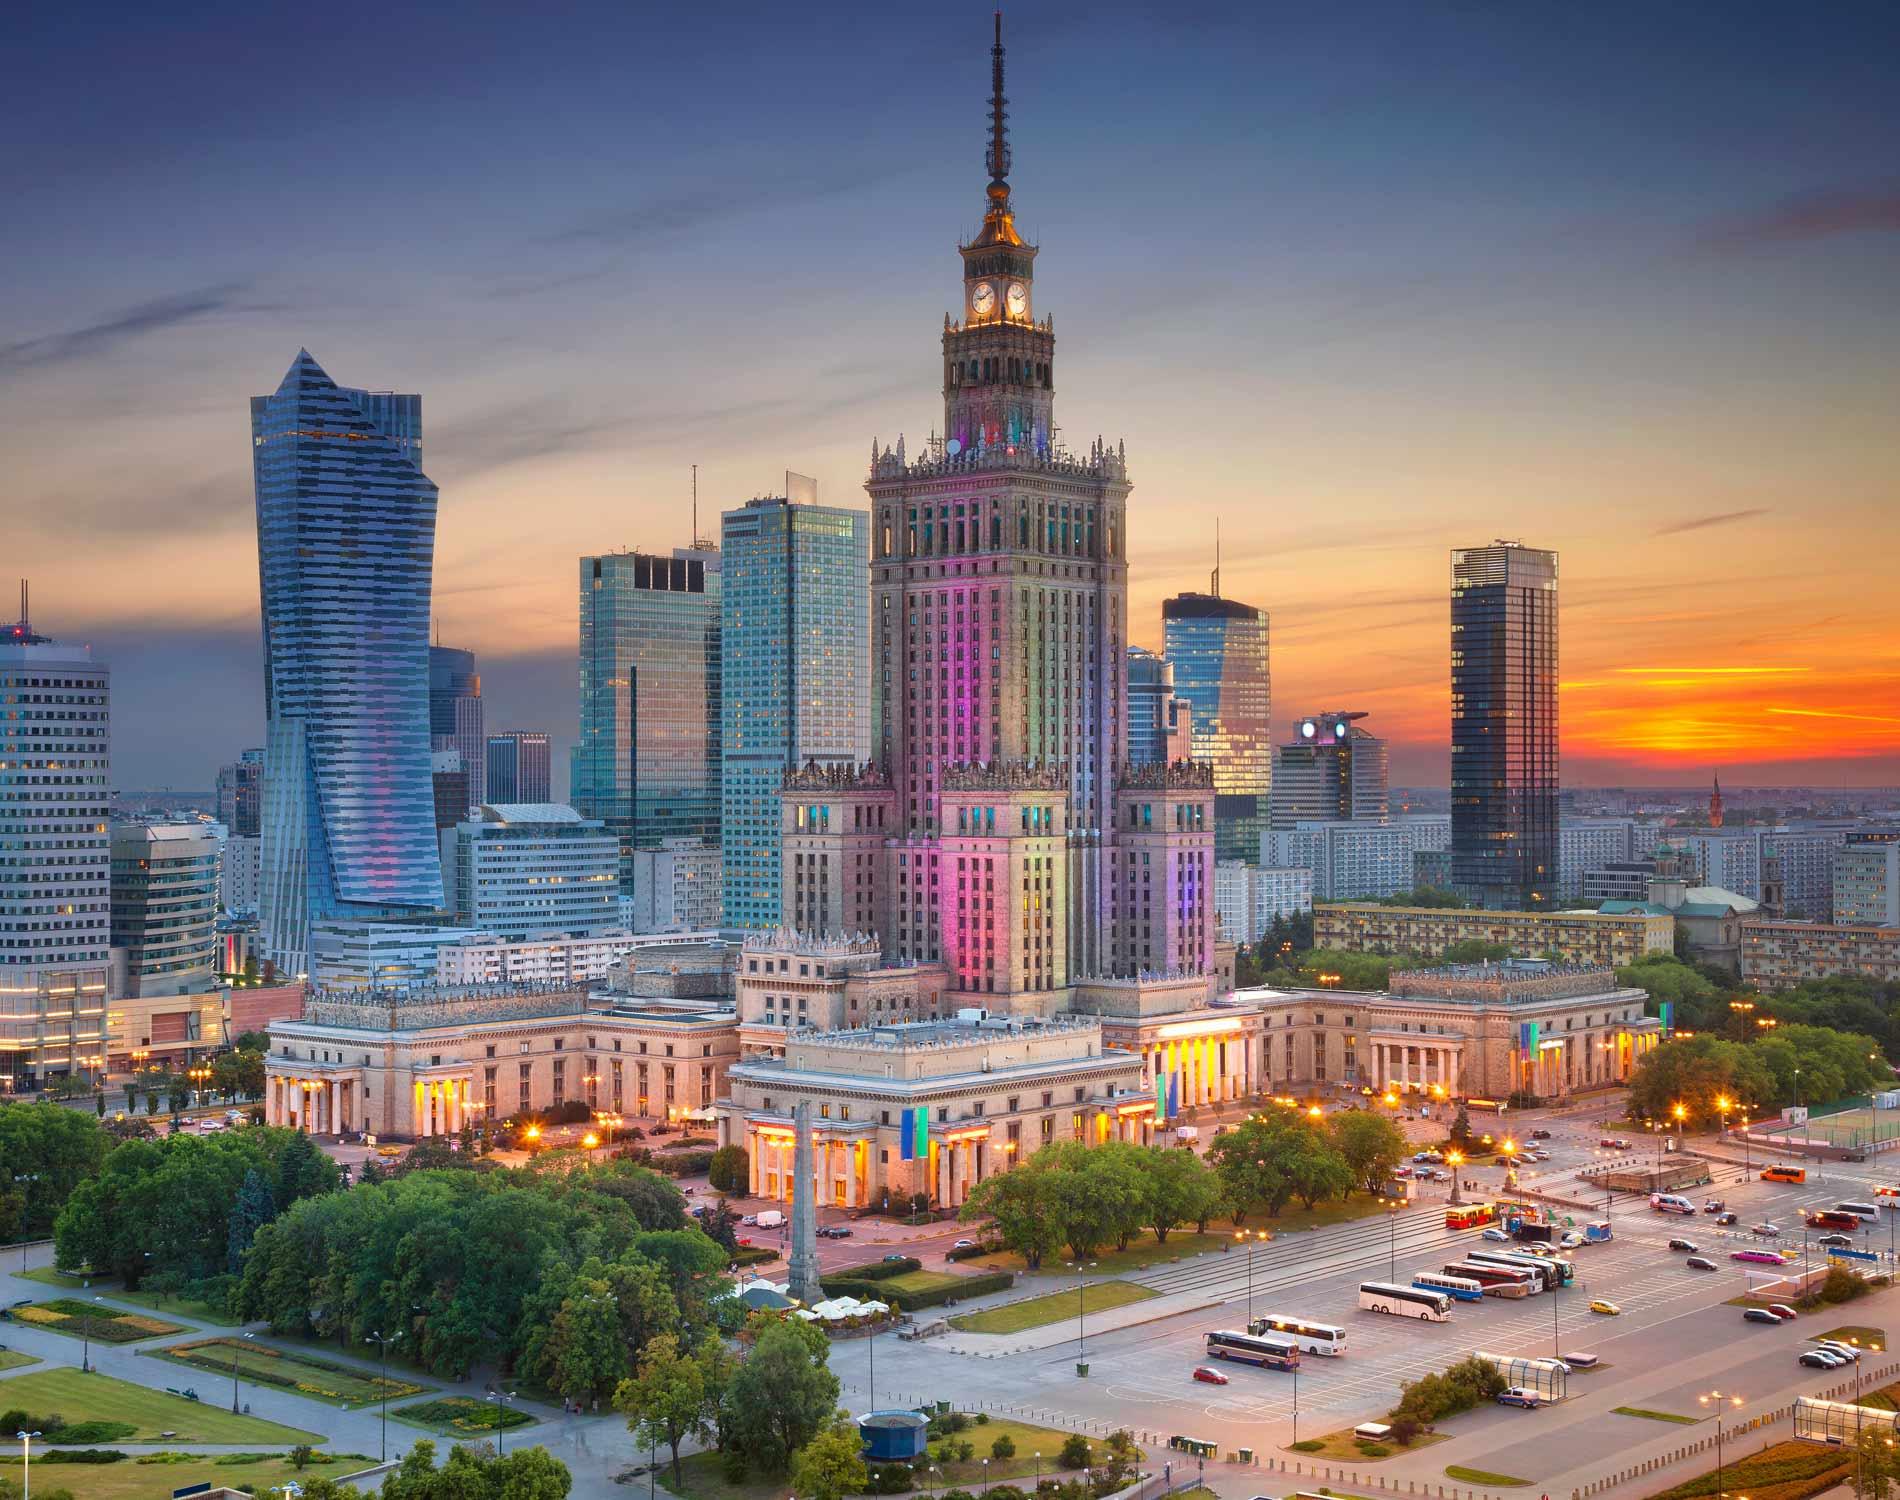 عدد سكان دولة وارسو